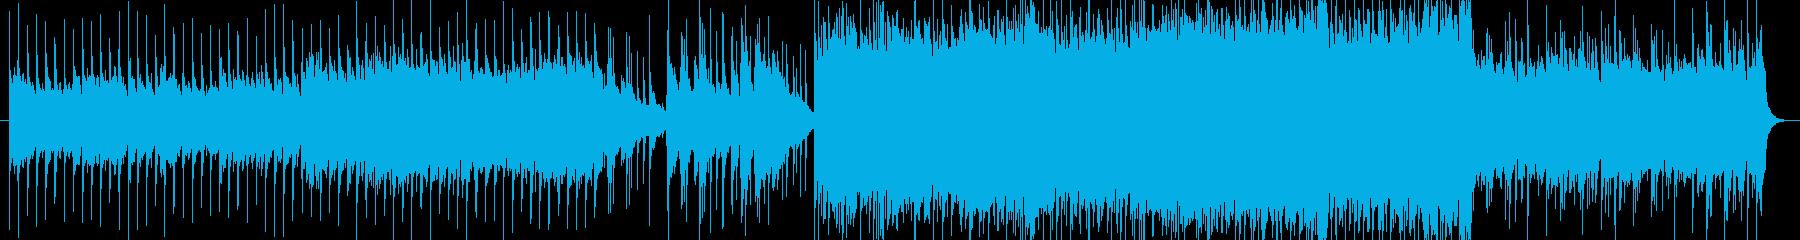 アルペジオとオクターブ奏法のギターロックの再生済みの波形